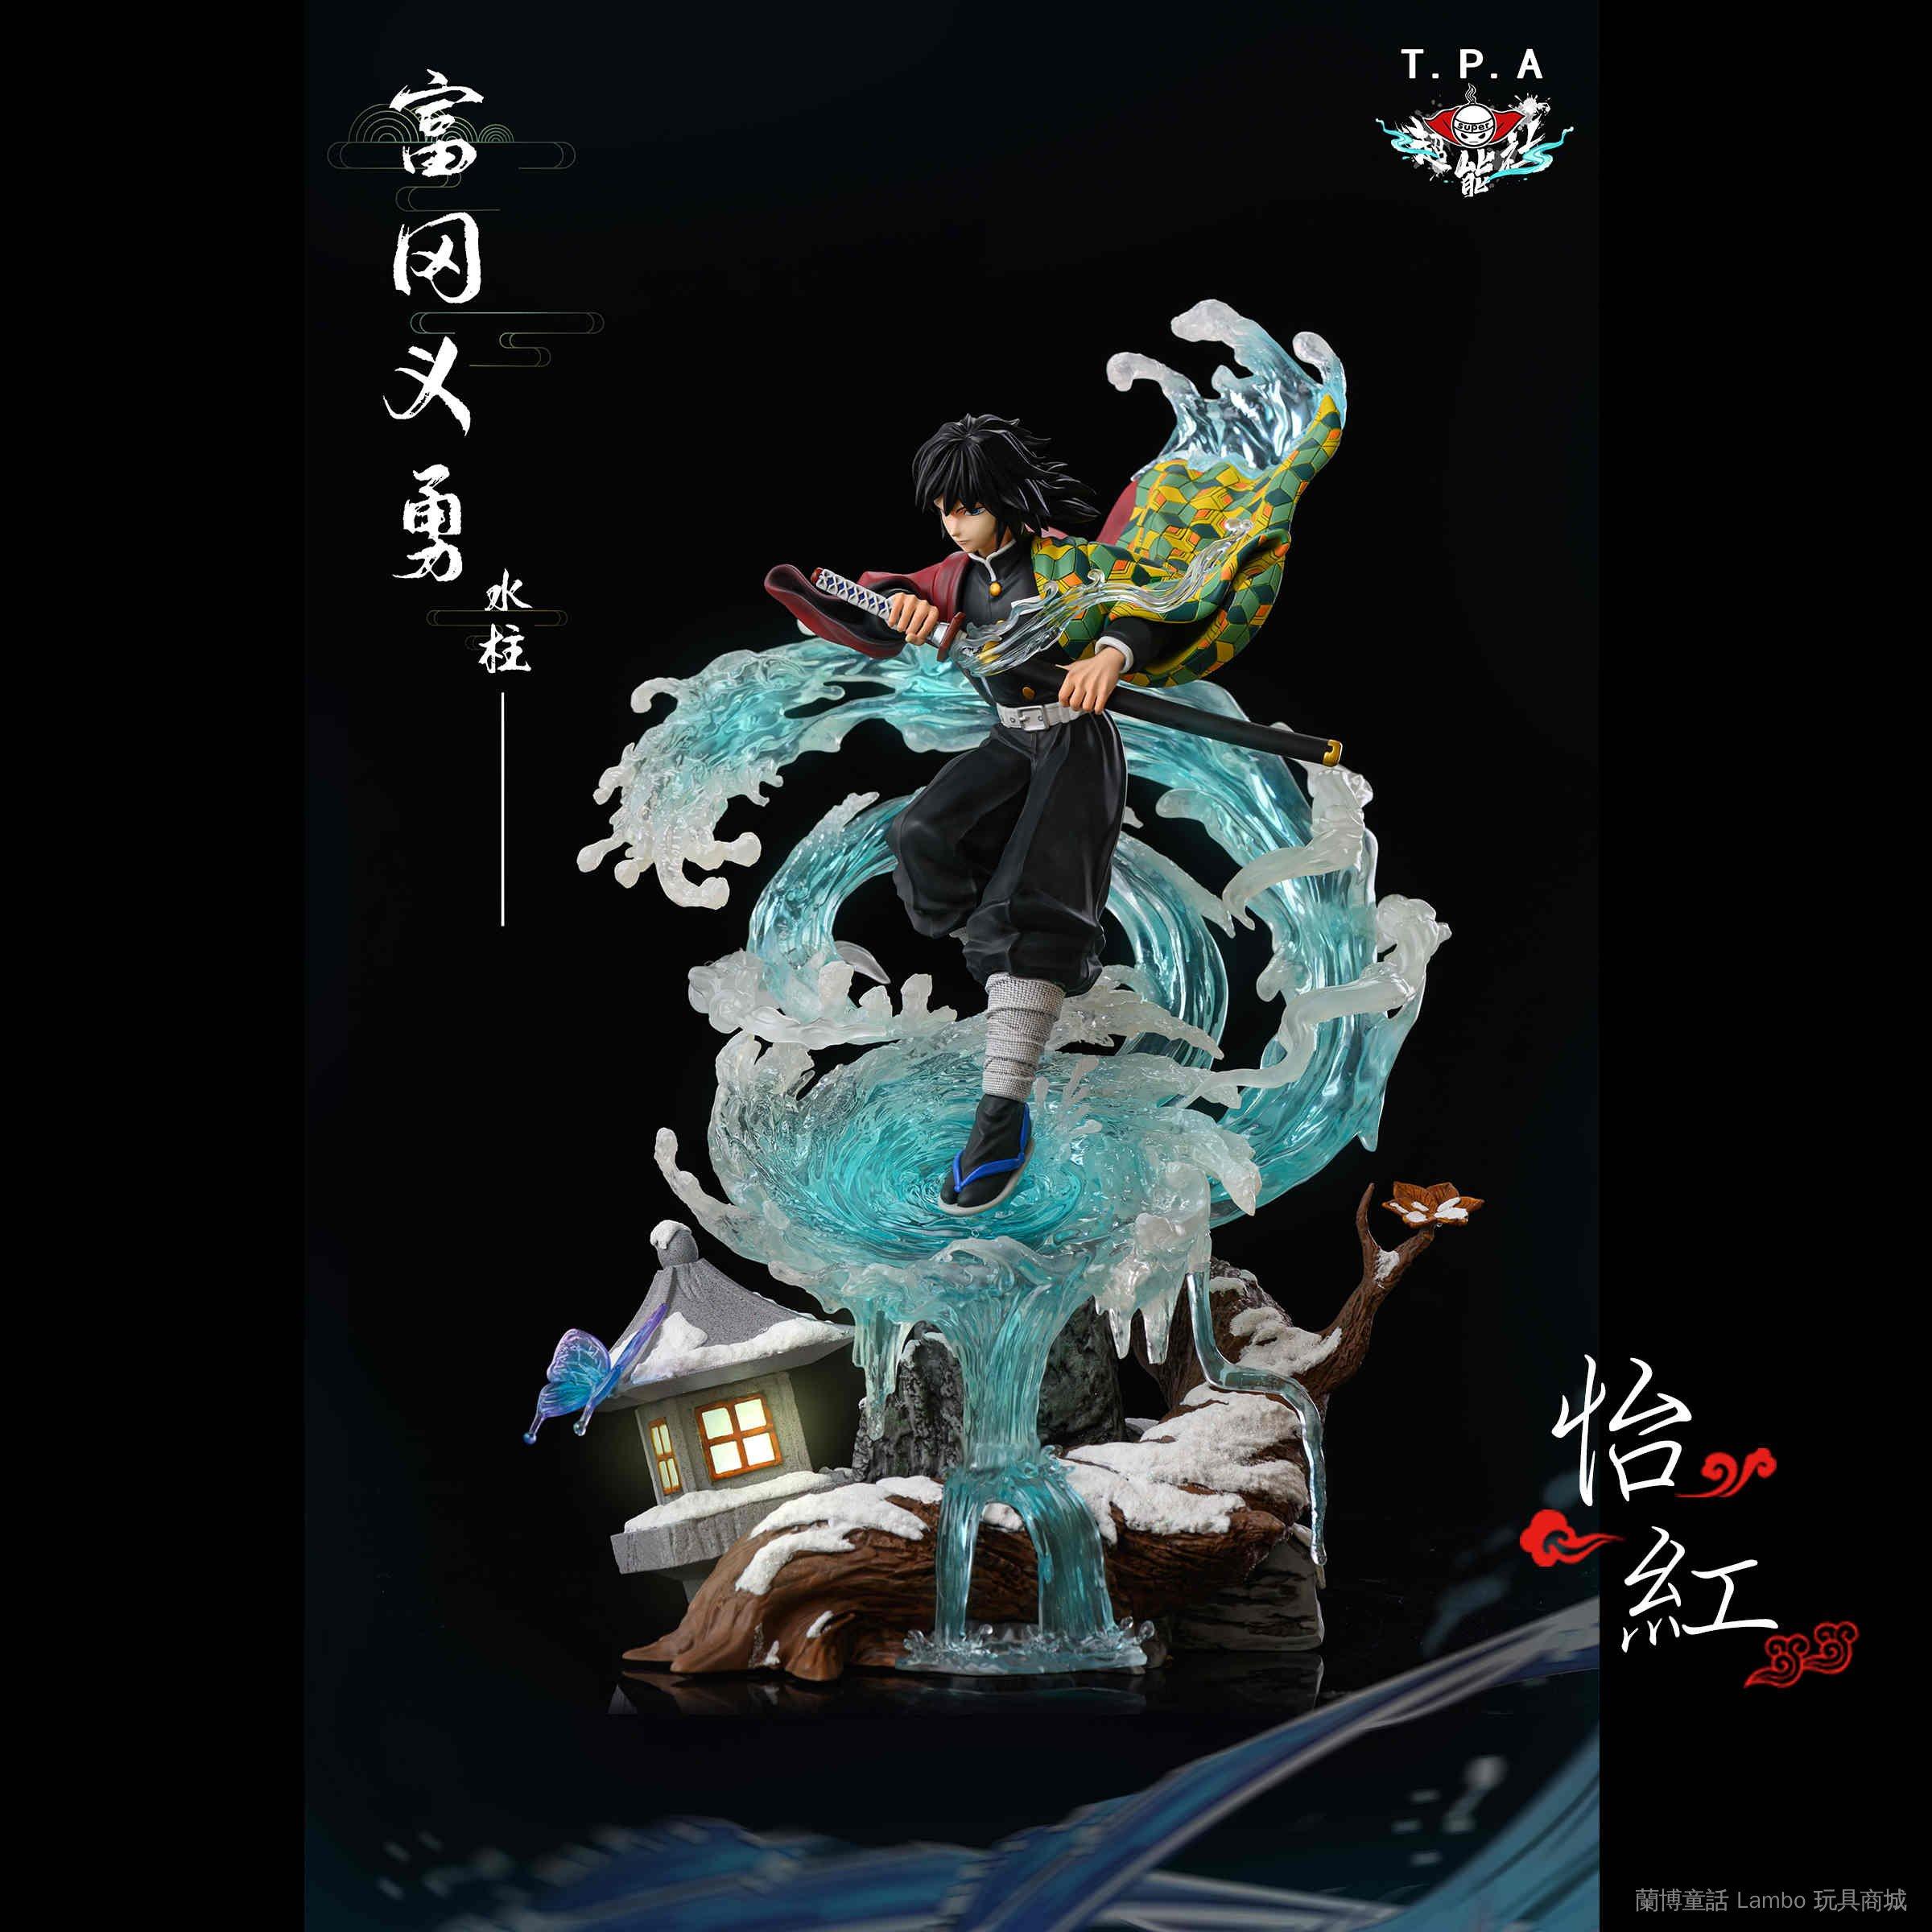 蘭博 【怡紅】TPA 柱系列 水柱 富岡義勇 鬼滅之刃GK 限量雕像手辦模型